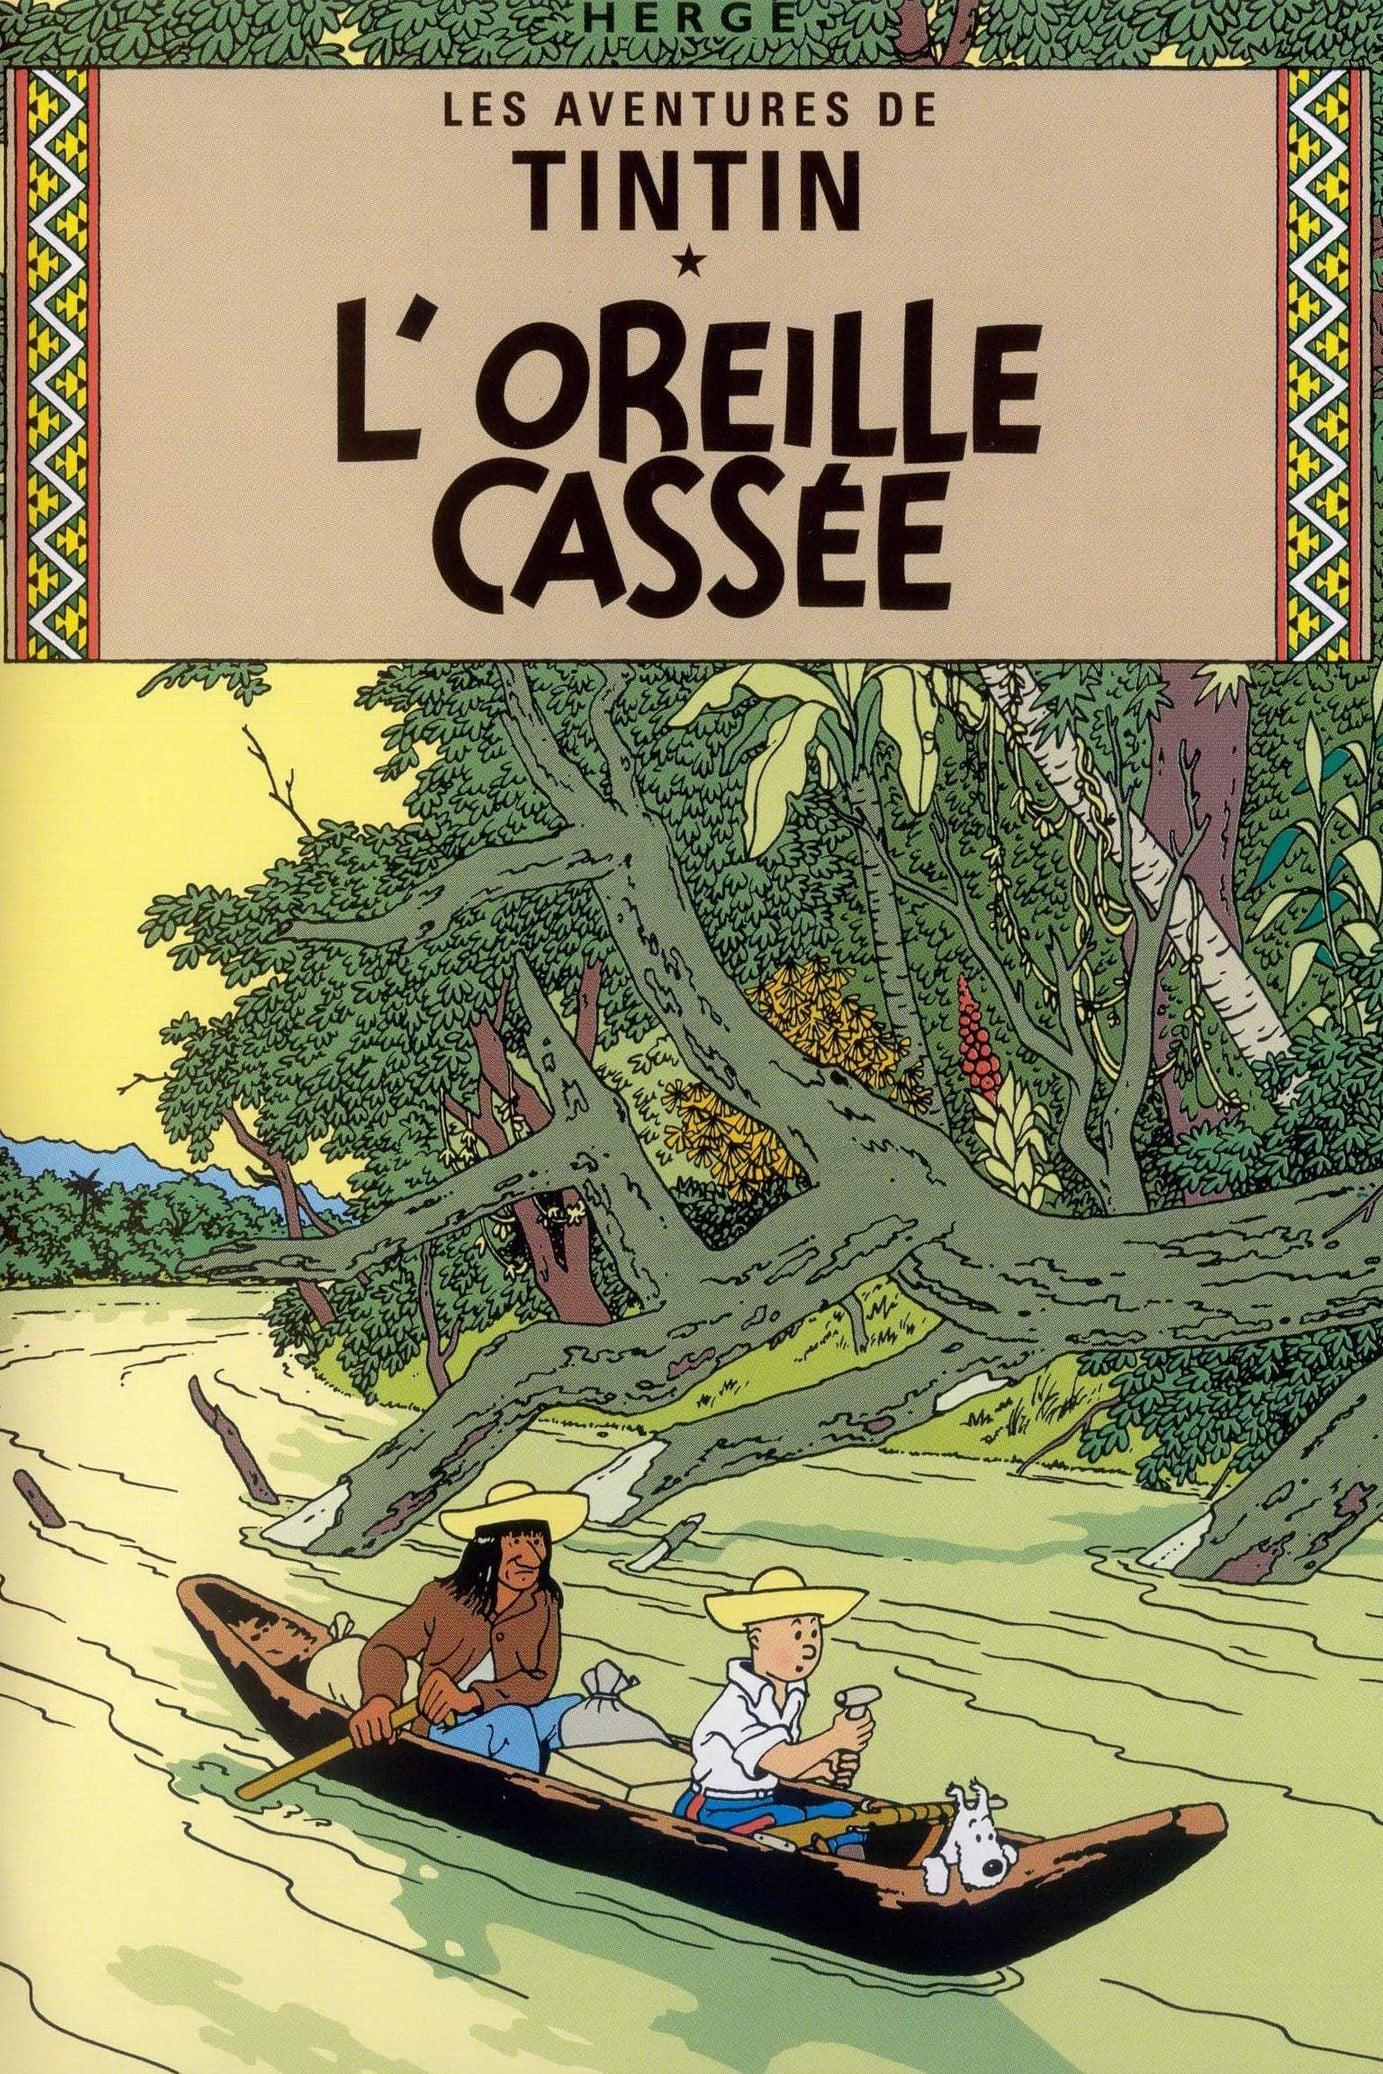 Les Aventures De Tintin 04 L'Oreille Cassée - 1992